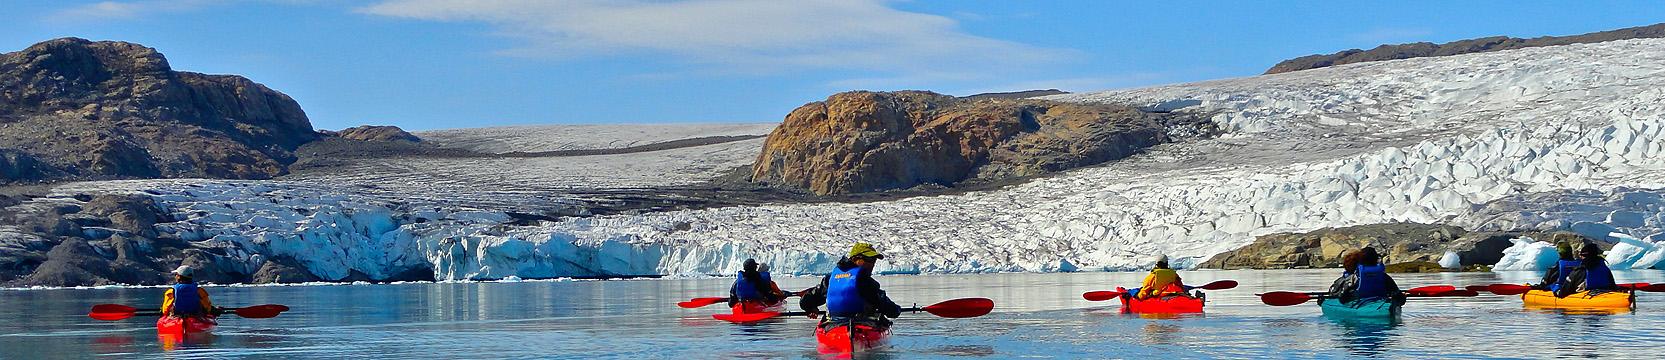 viajes a Groenlandia en verano con kayak